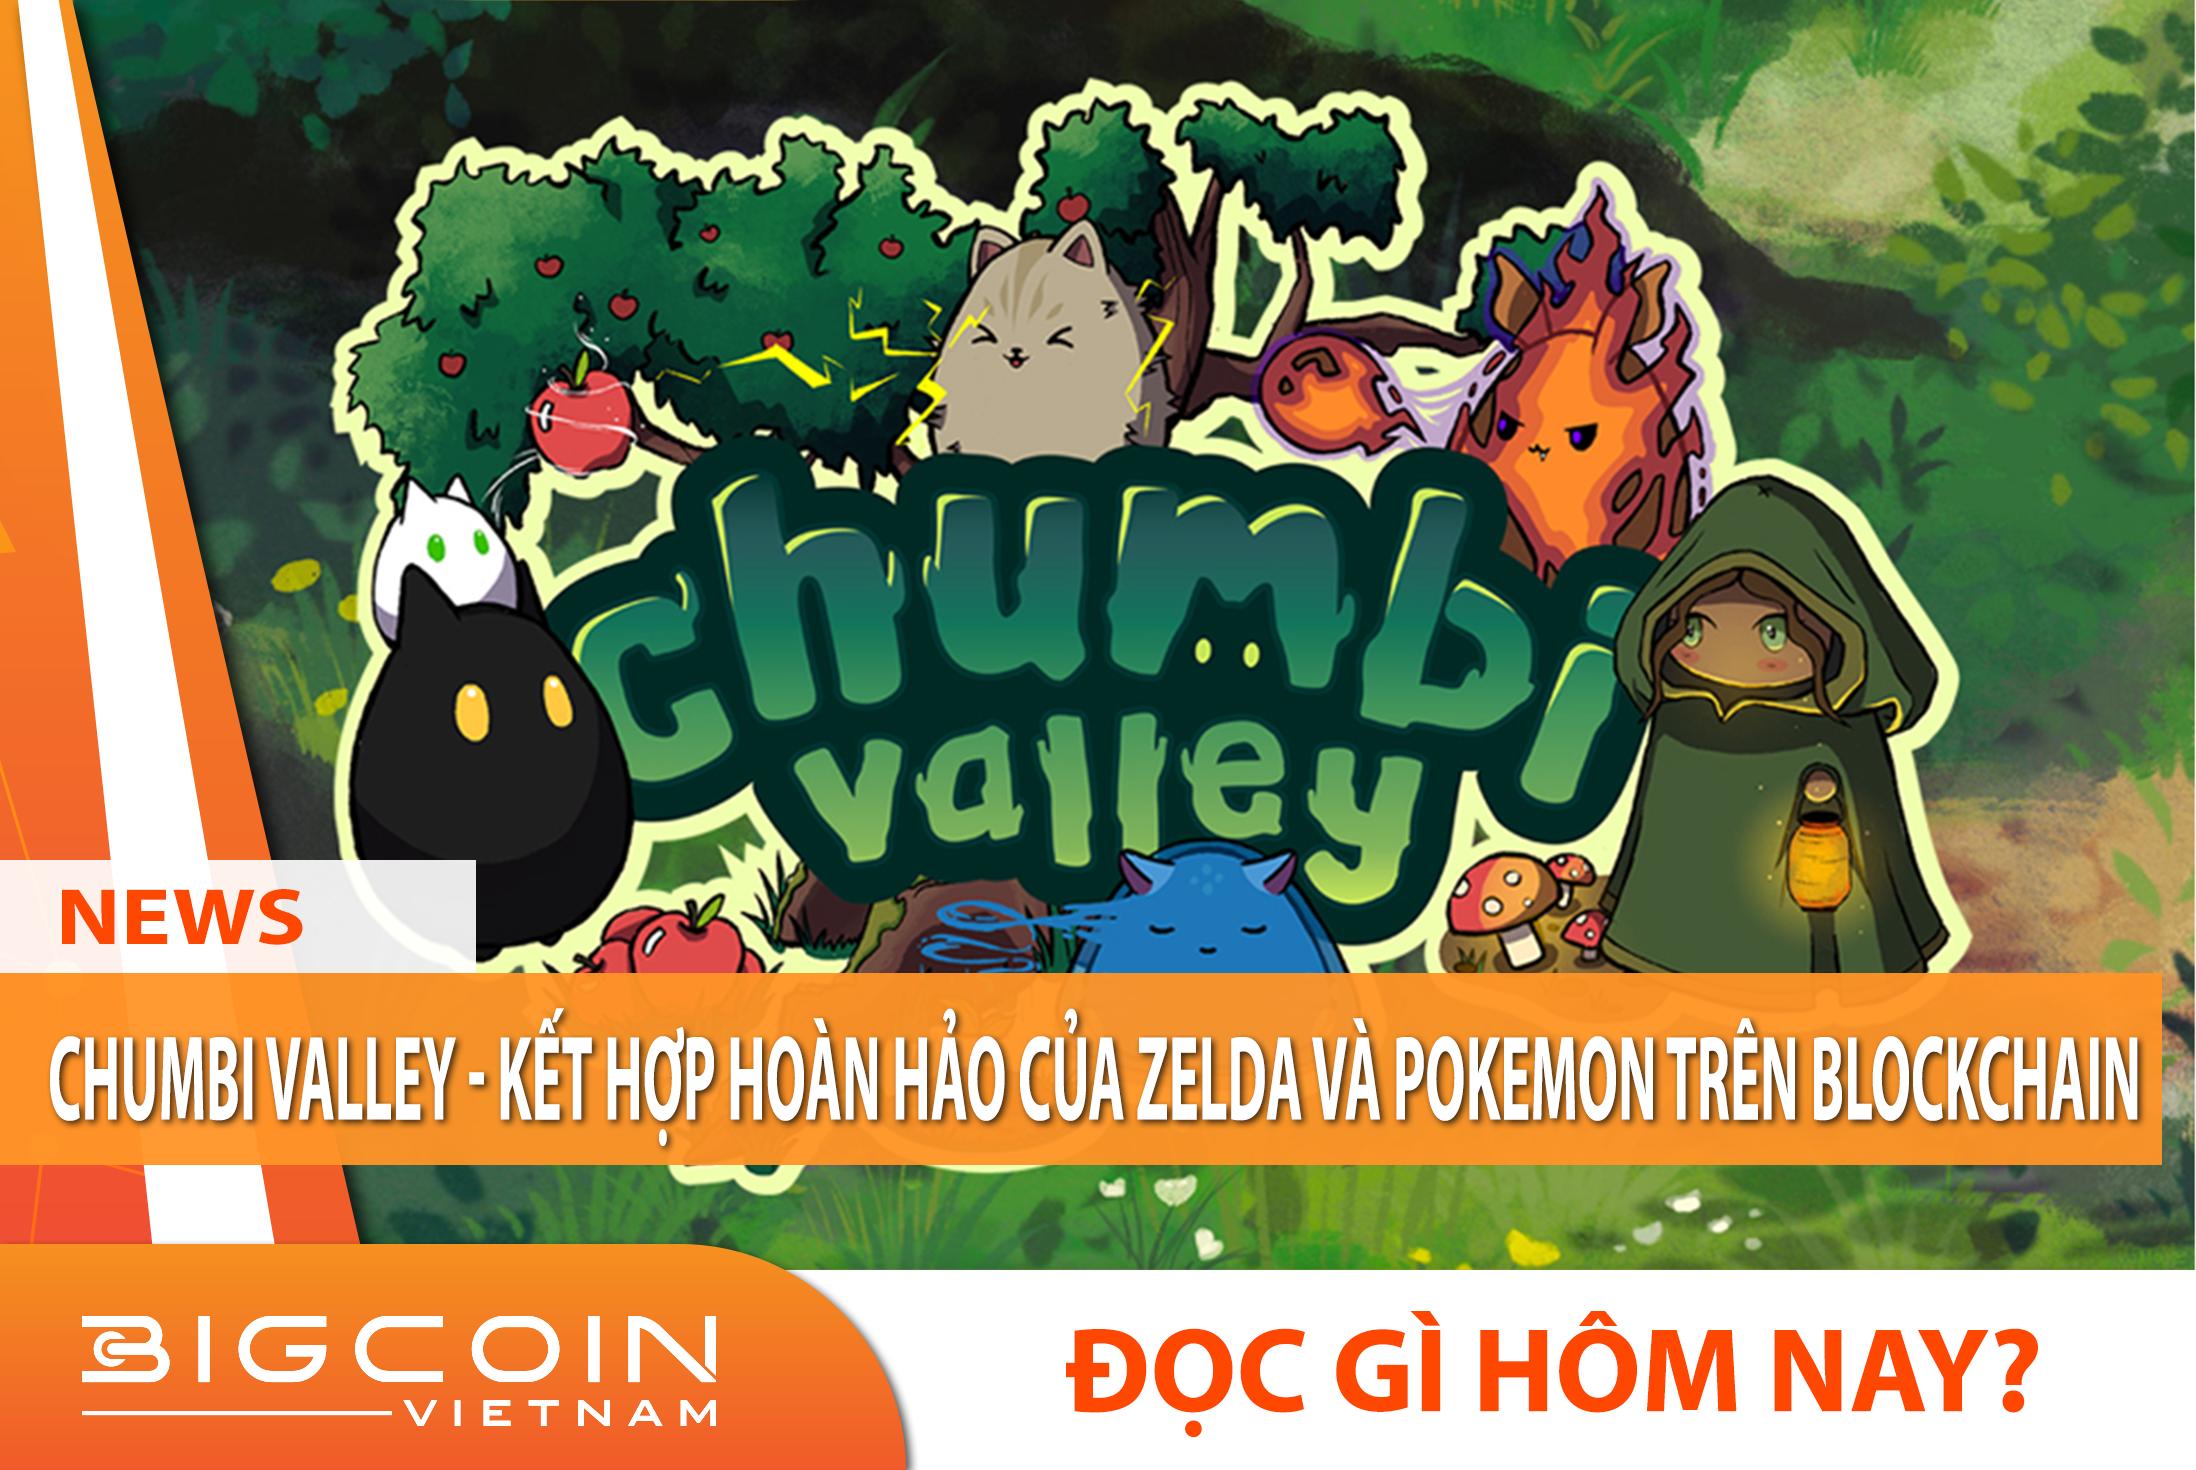 Chumbi Valley - Kết hợp hoàn hảo của Zelda và Pokemon trên Blockchain